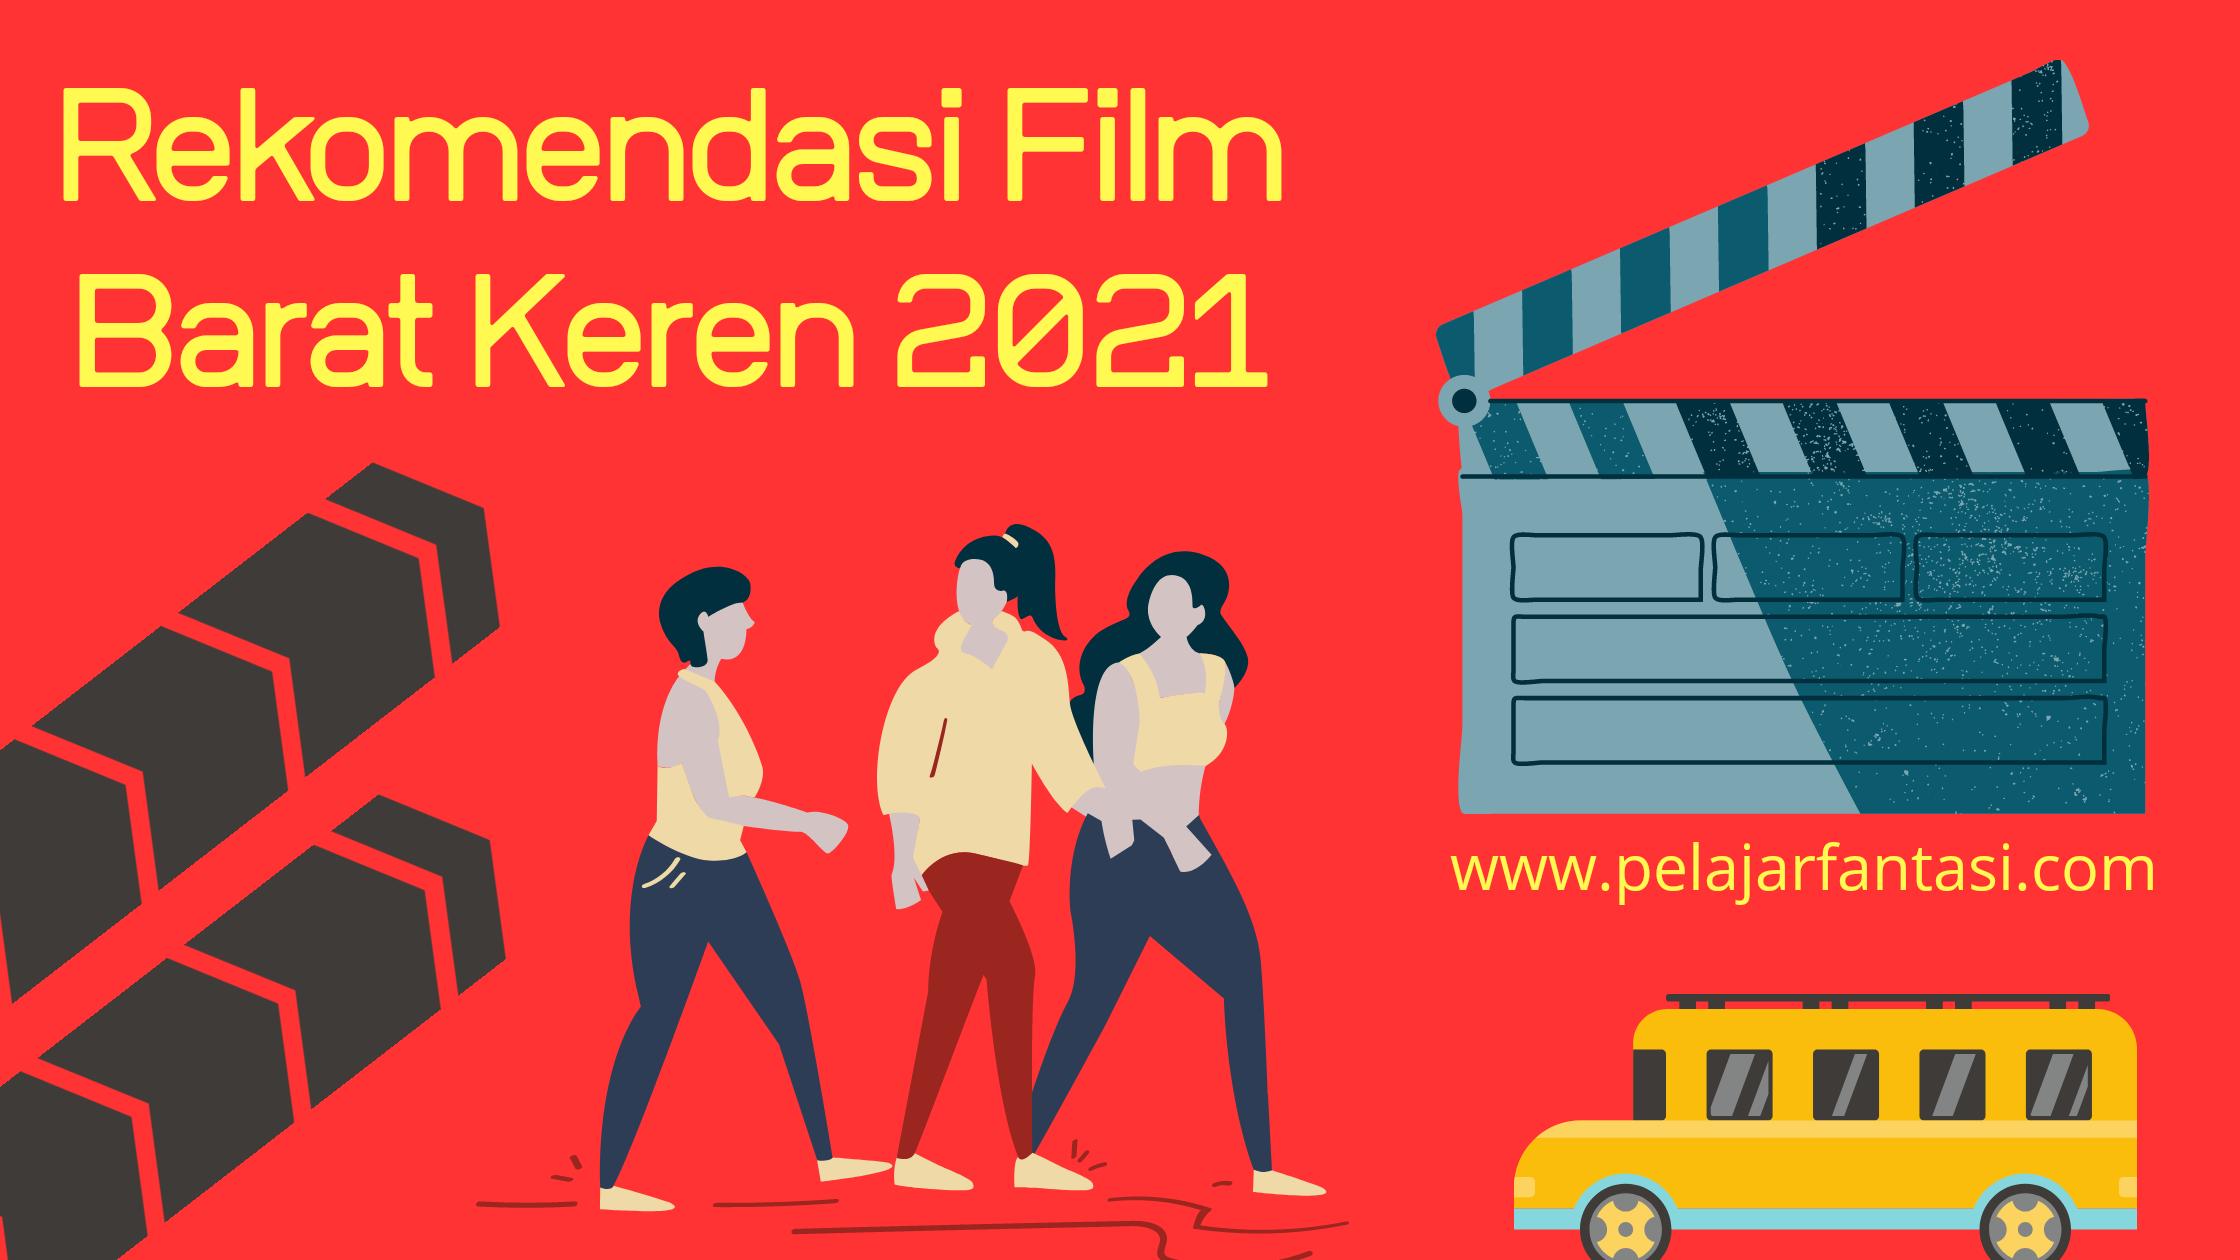 Rekomendasi Film Barat Keren Terbaru 2021